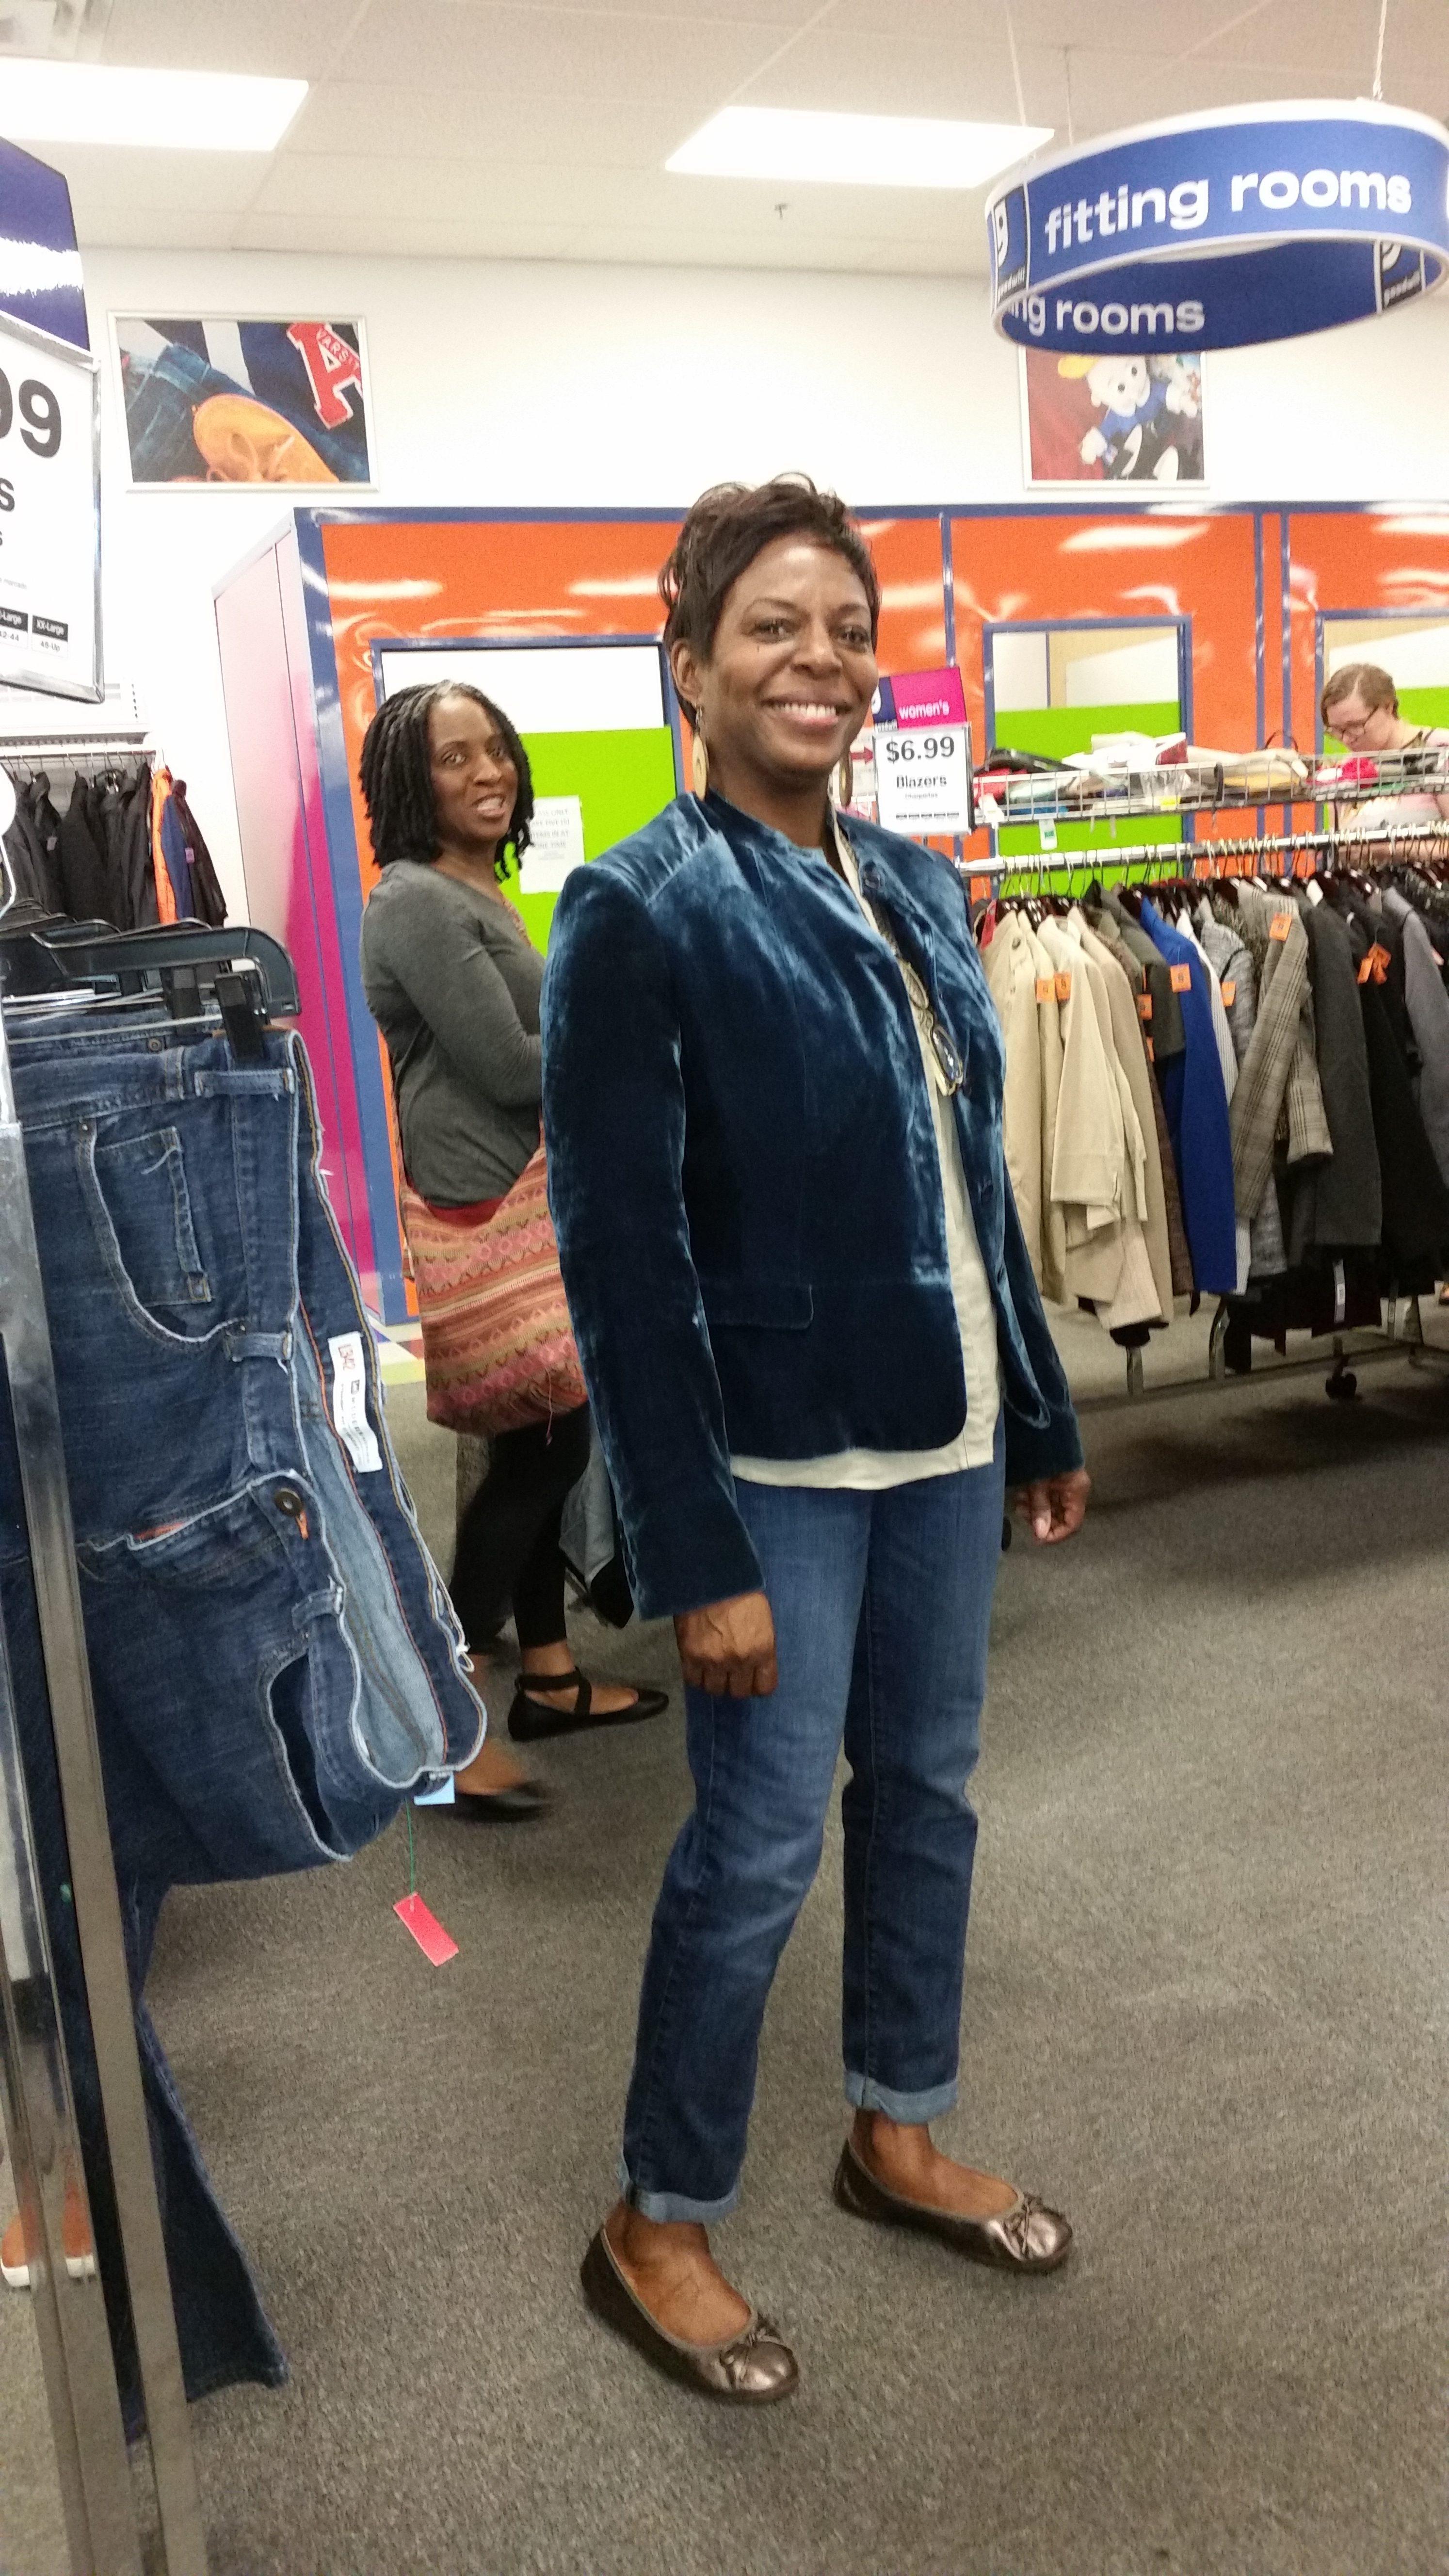 Meetup shopper poses in velvet blazer